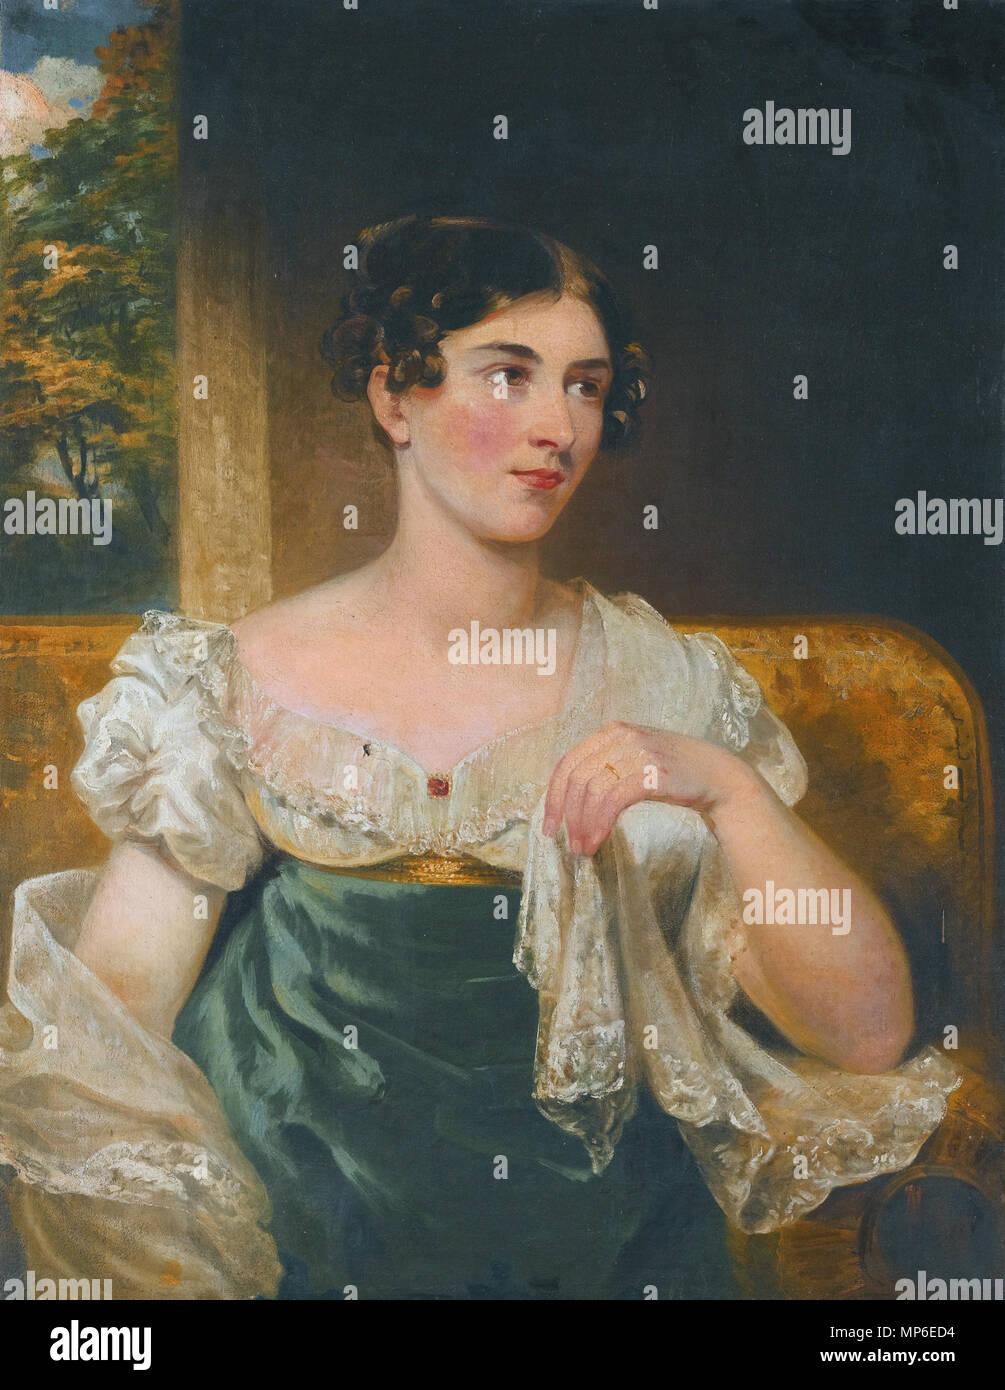 L'attrice irlandese Harriett Costanza Smithson (1800-1854) *olio su tela *91,5 x 71 cm l'attrice irlandese Harriett Costanza Smithson (1800-1854), da Ge 1176 L'attrice irlandese Harriett Costanza Smithson (1800-1854), da George Clint Immagini Stock